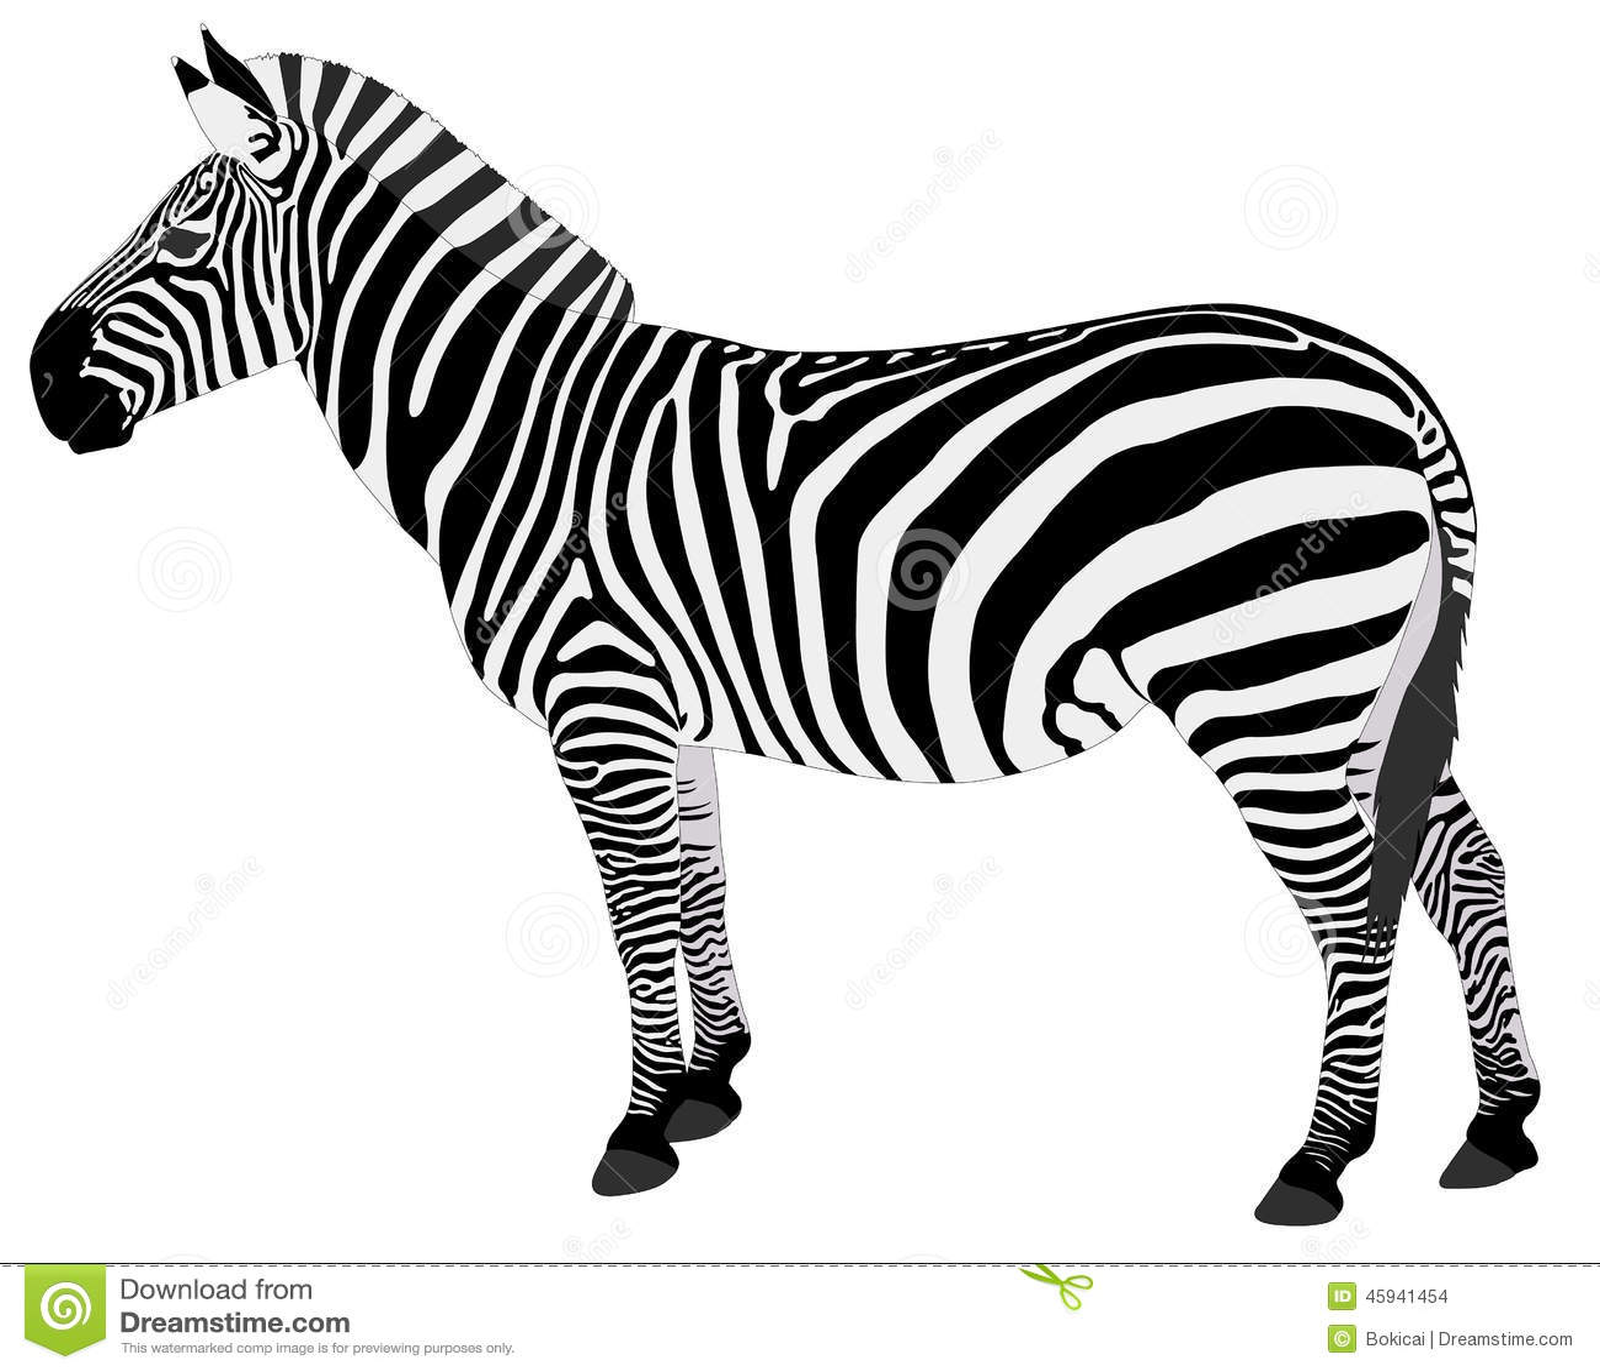 Detailed Illustration Of Zebra Stock Vector